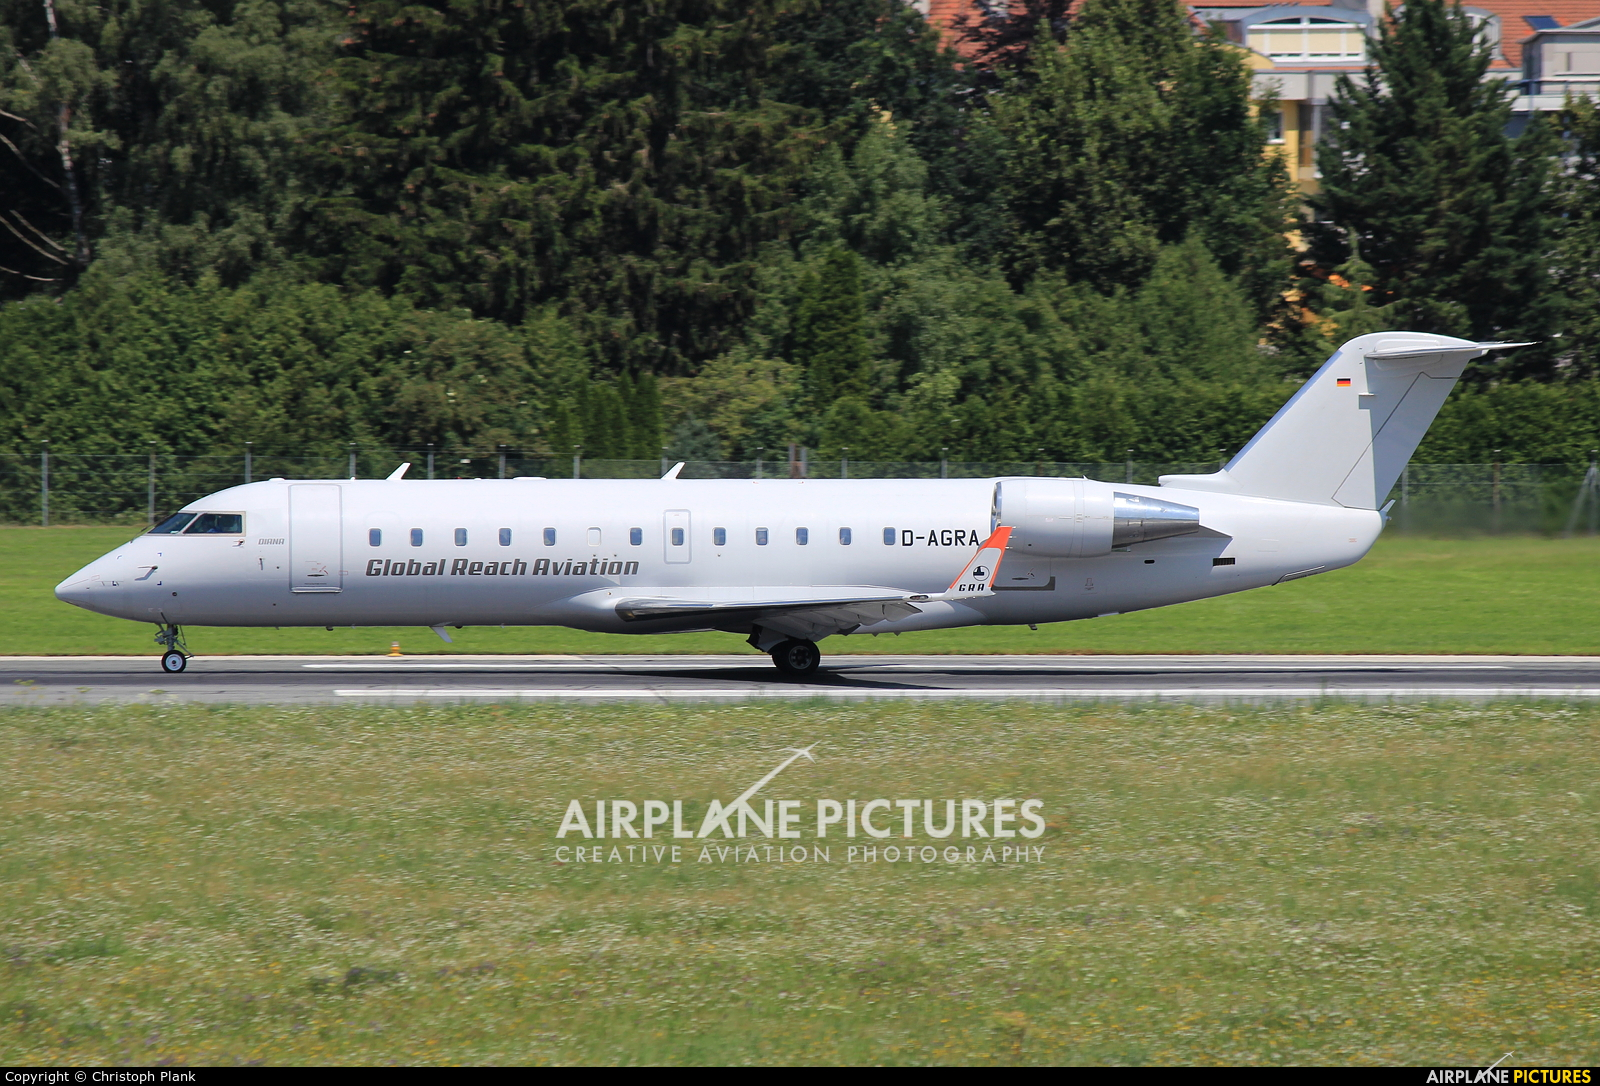 Global Reach Aviation D-AGRA aircraft at Innsbruck